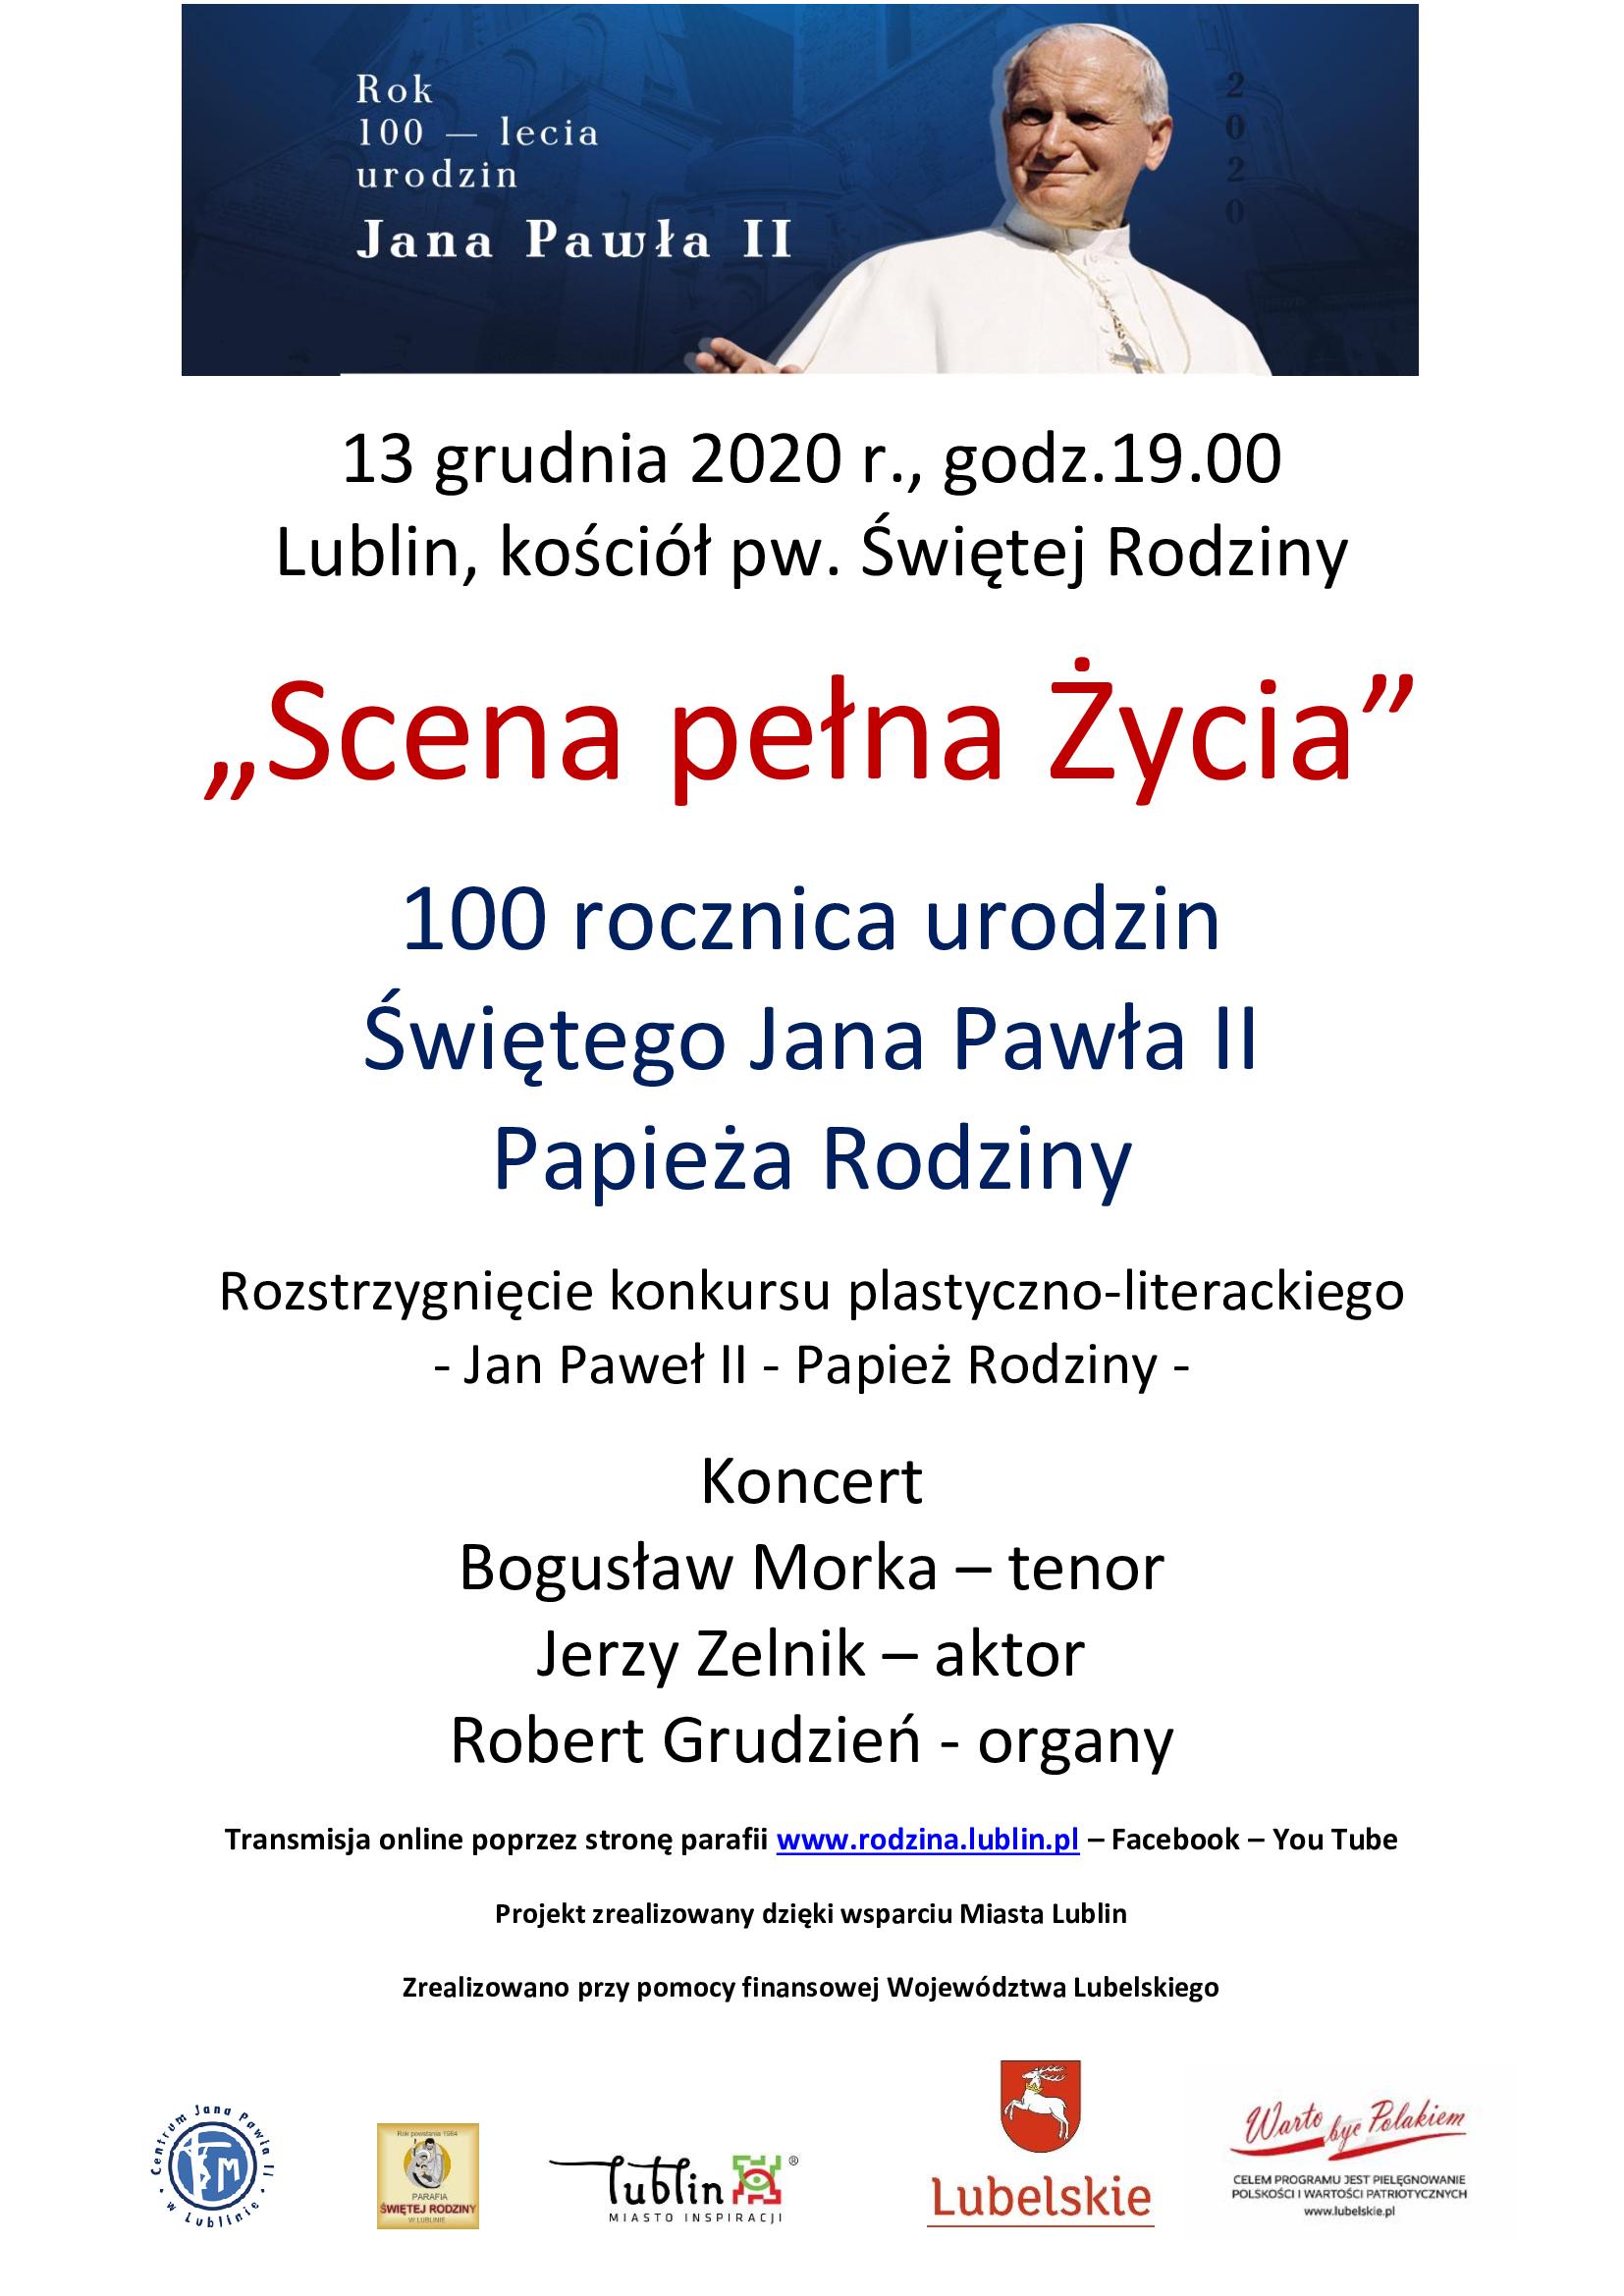 """Koncert papieski """"Scena pełna  życia"""". Obchody 100 rocznicy urodzin Świętego Jana Pawła II - Papieża rodziny."""